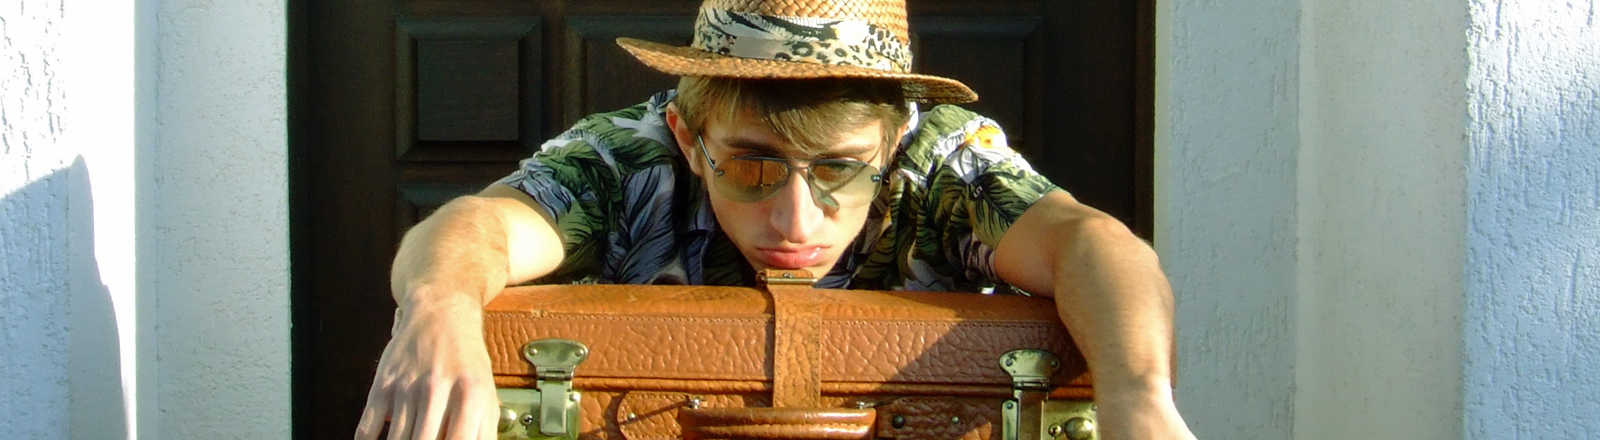 Ein Mann sitzt frustriert und gelangweilt auf einer Türschwelle, er trägt Urlaubskleidung und hat einen großen Koffer auf den Knien.